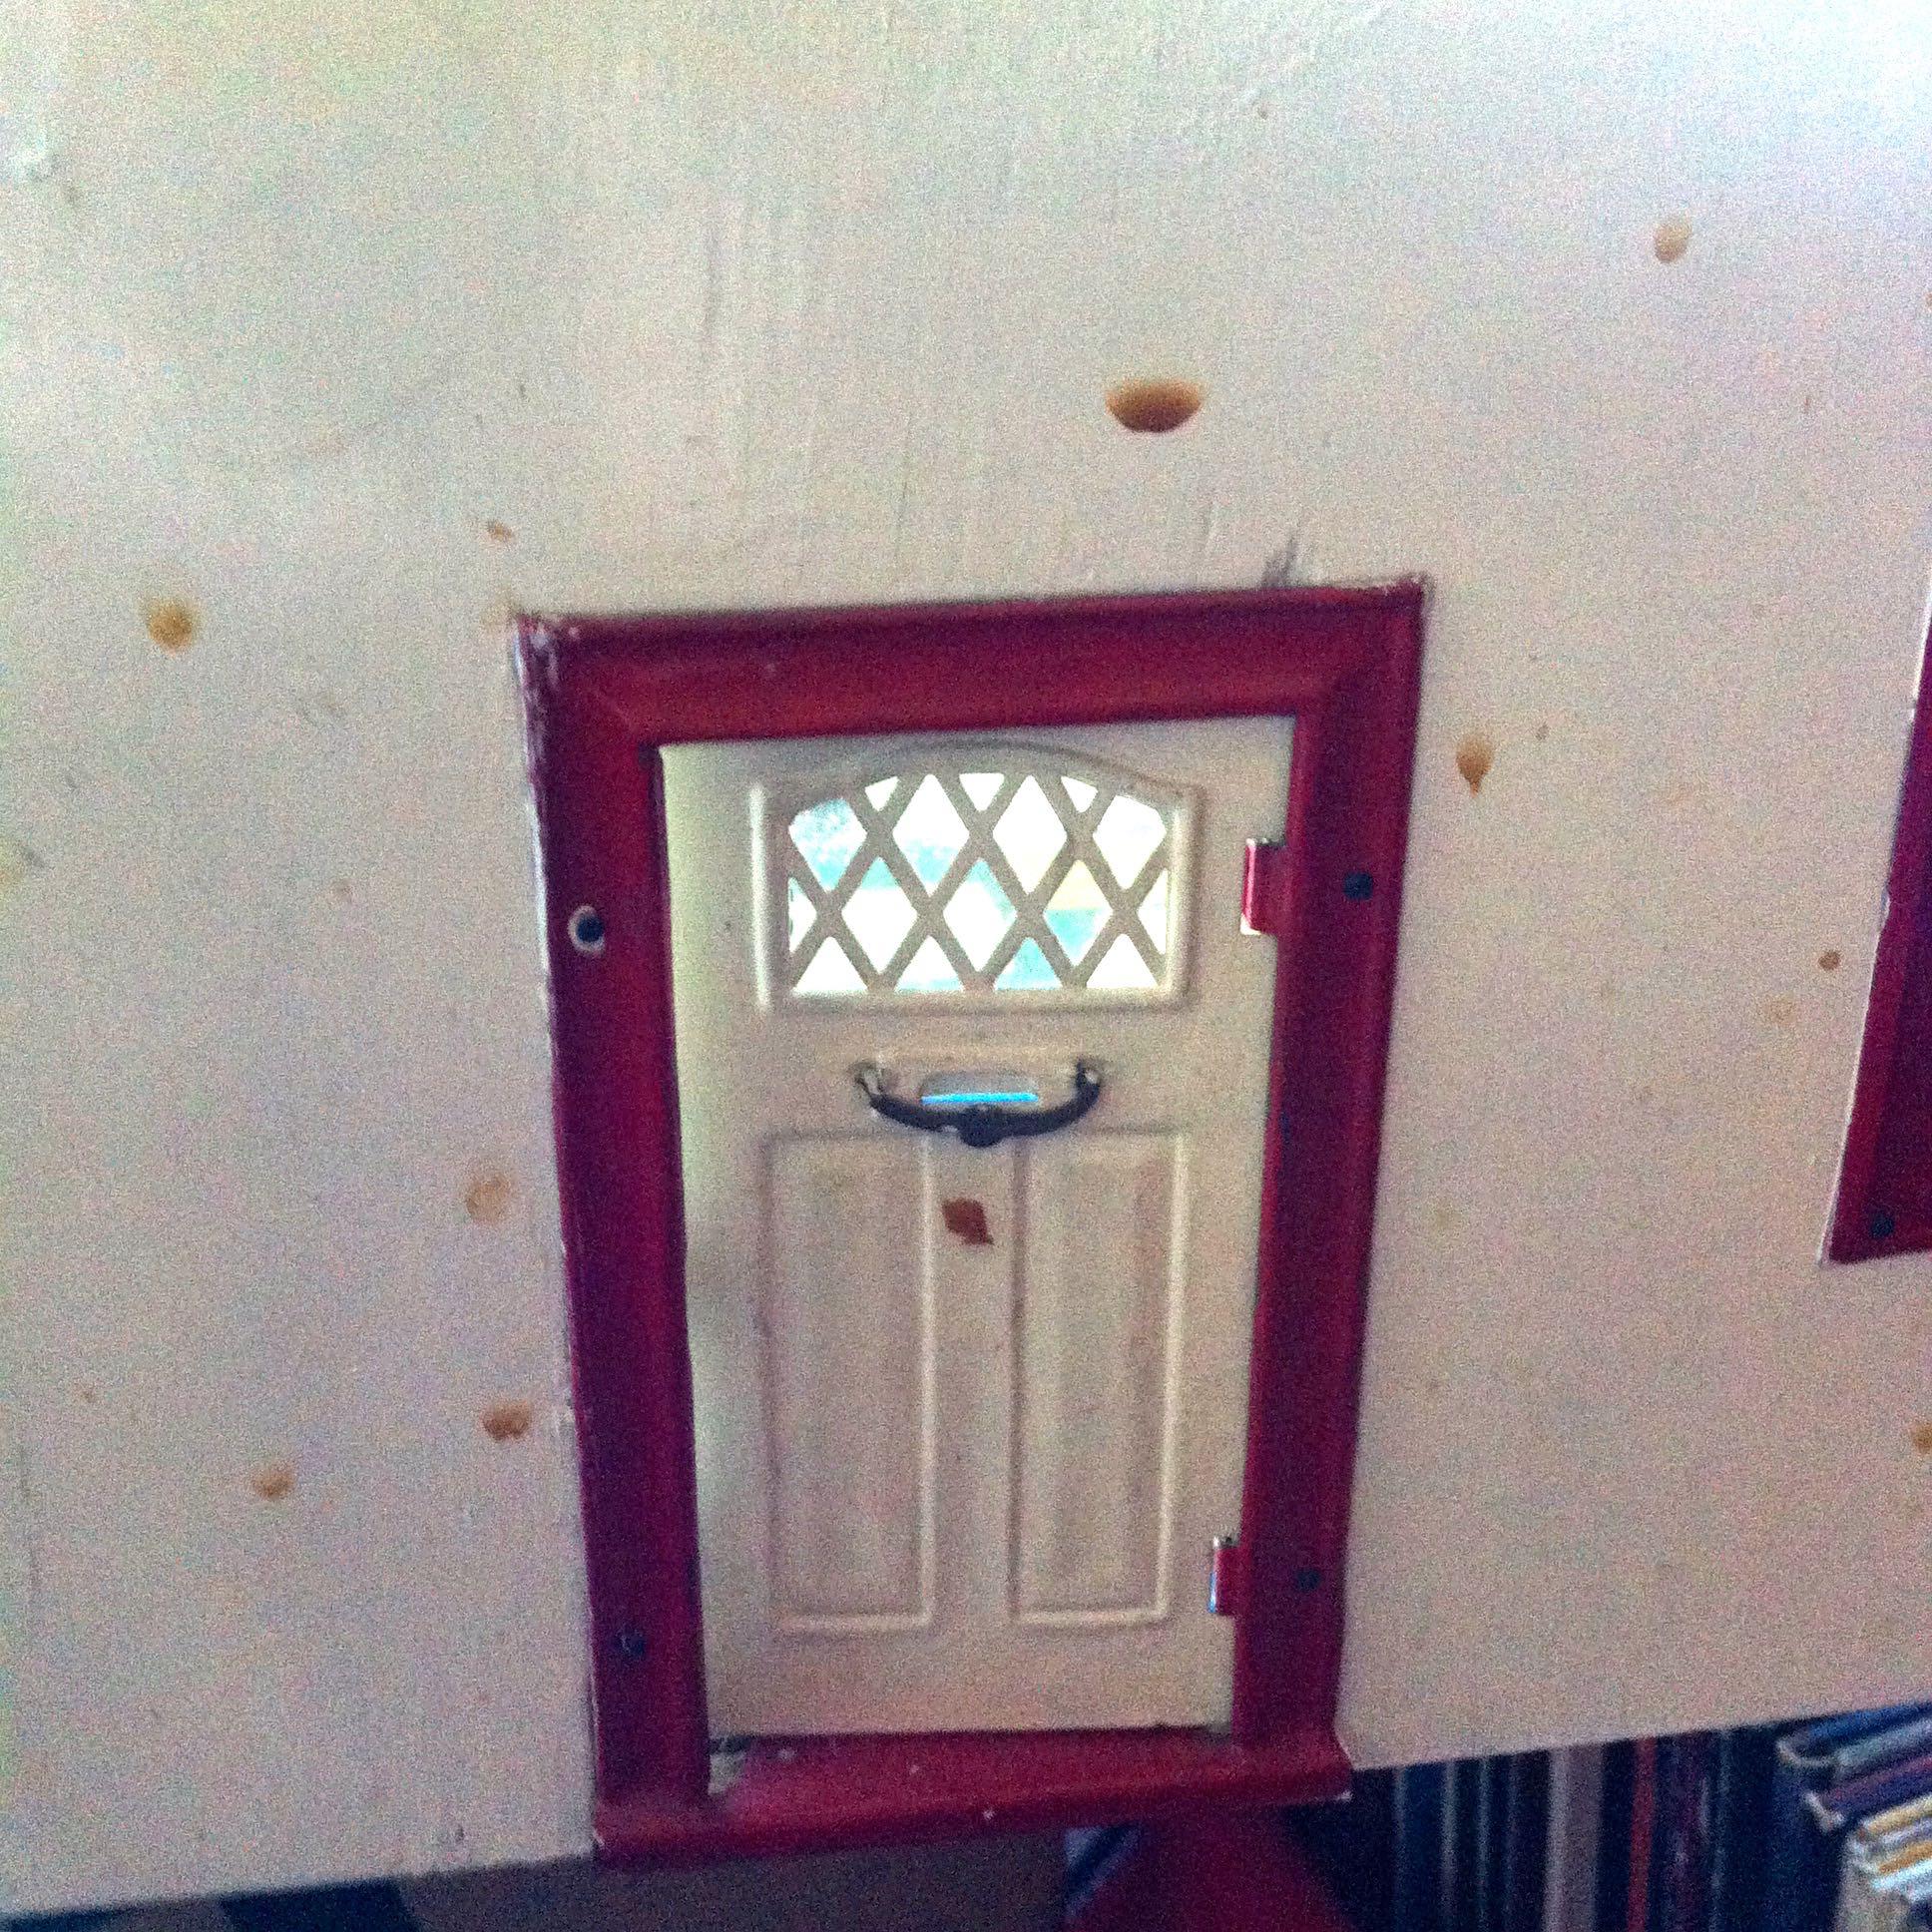 AND FRONT DOOR